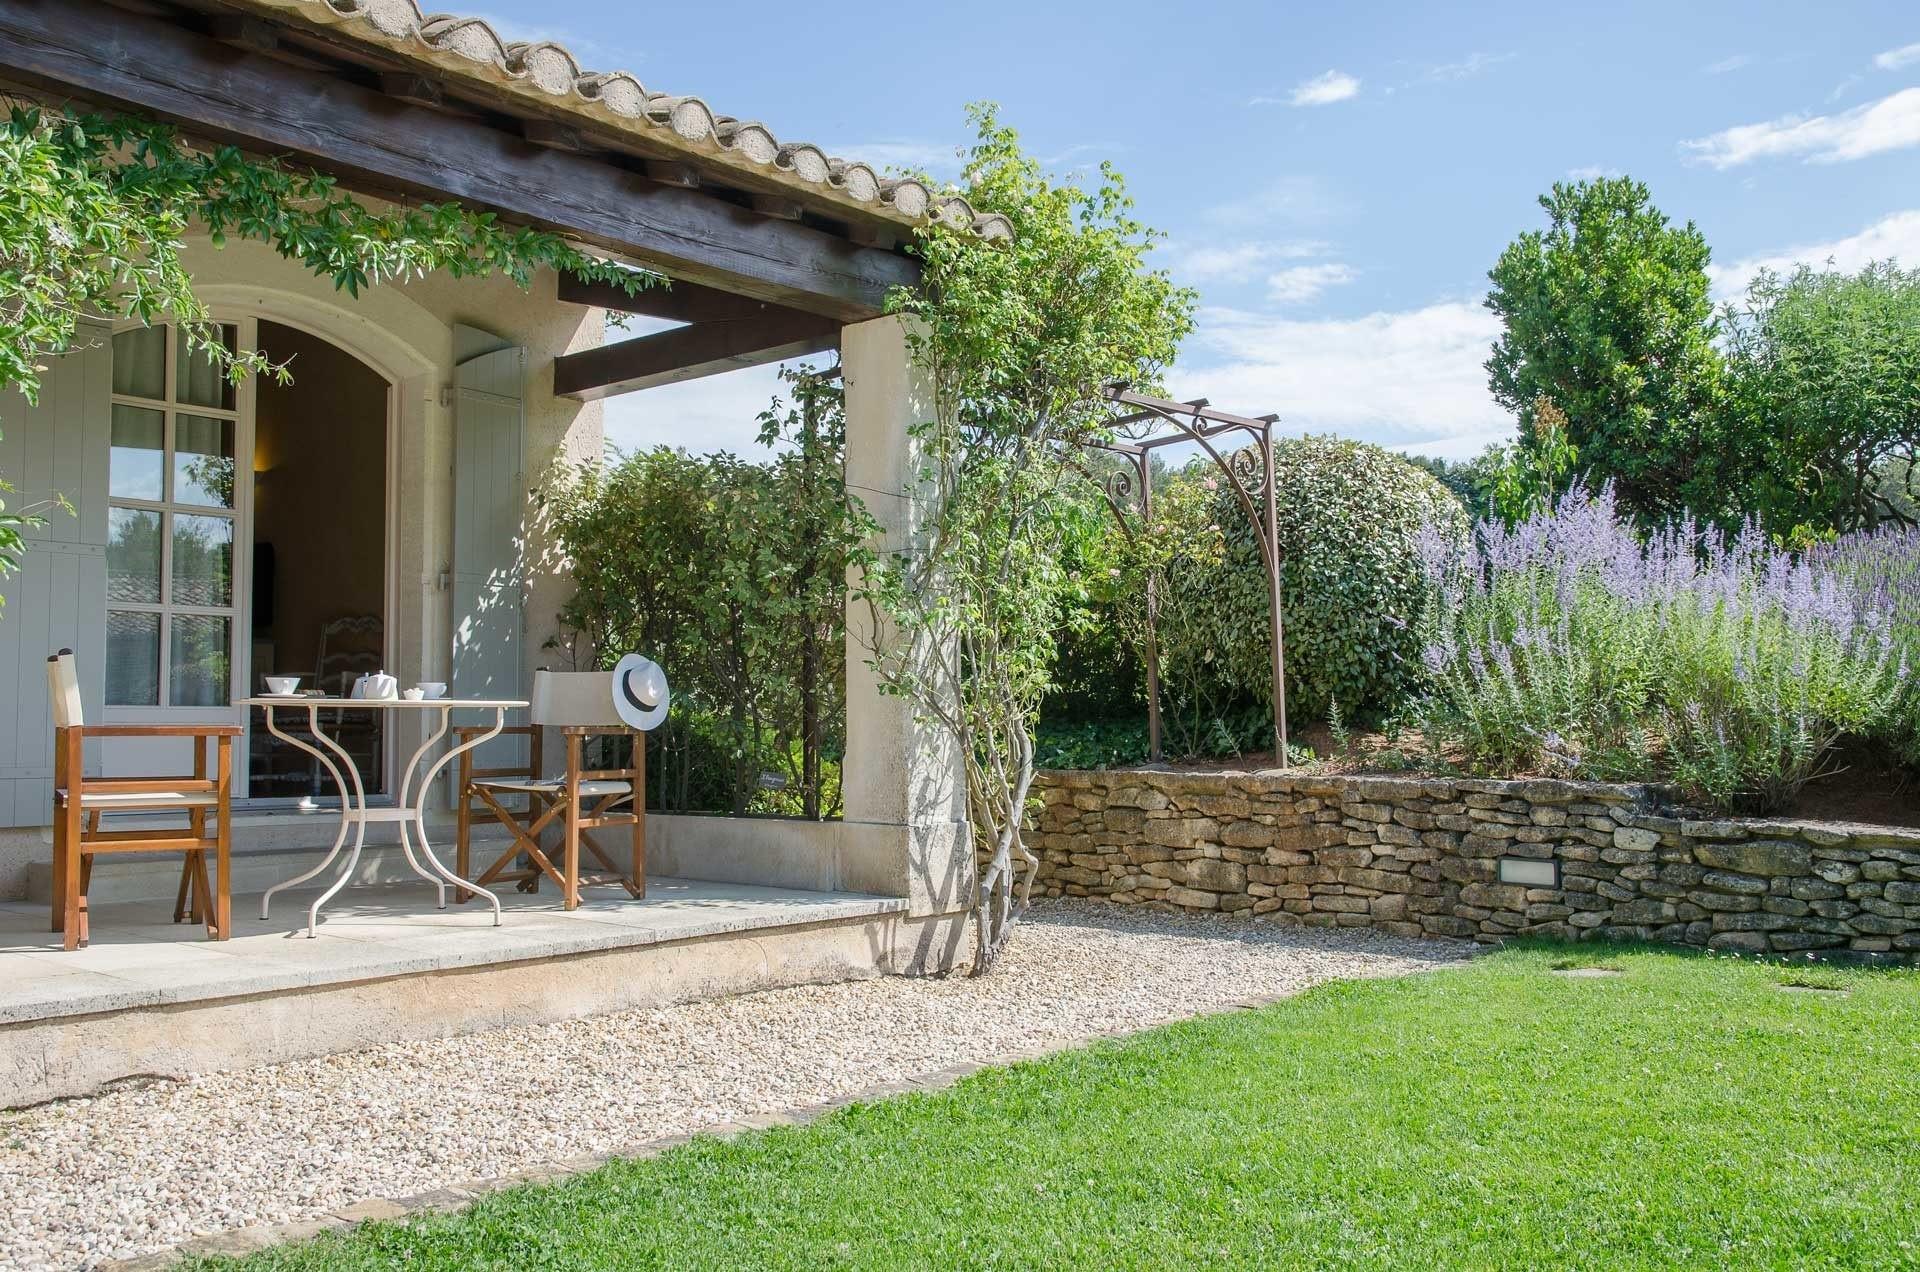 Mas-de-l'oulivie-Les-Baux -de-Provence-avignon-saint-remy-alpilles-charme